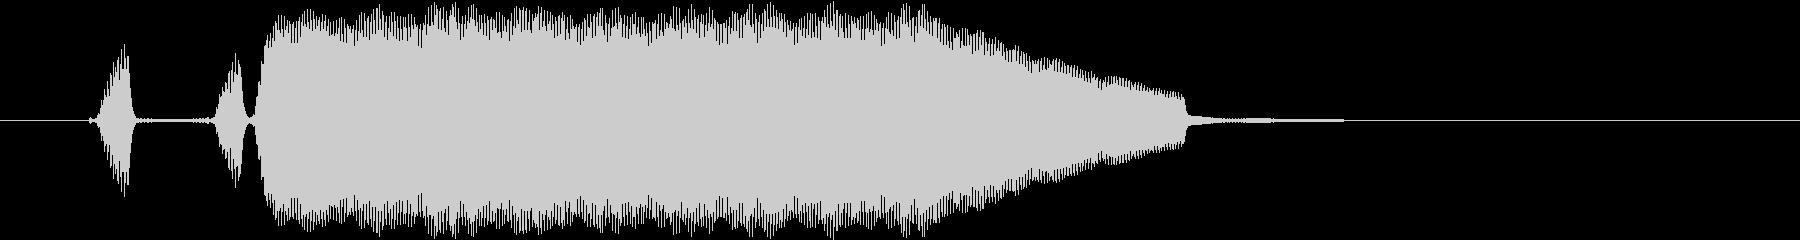 テッテレー リコーダー音のほのぼの系の未再生の波形